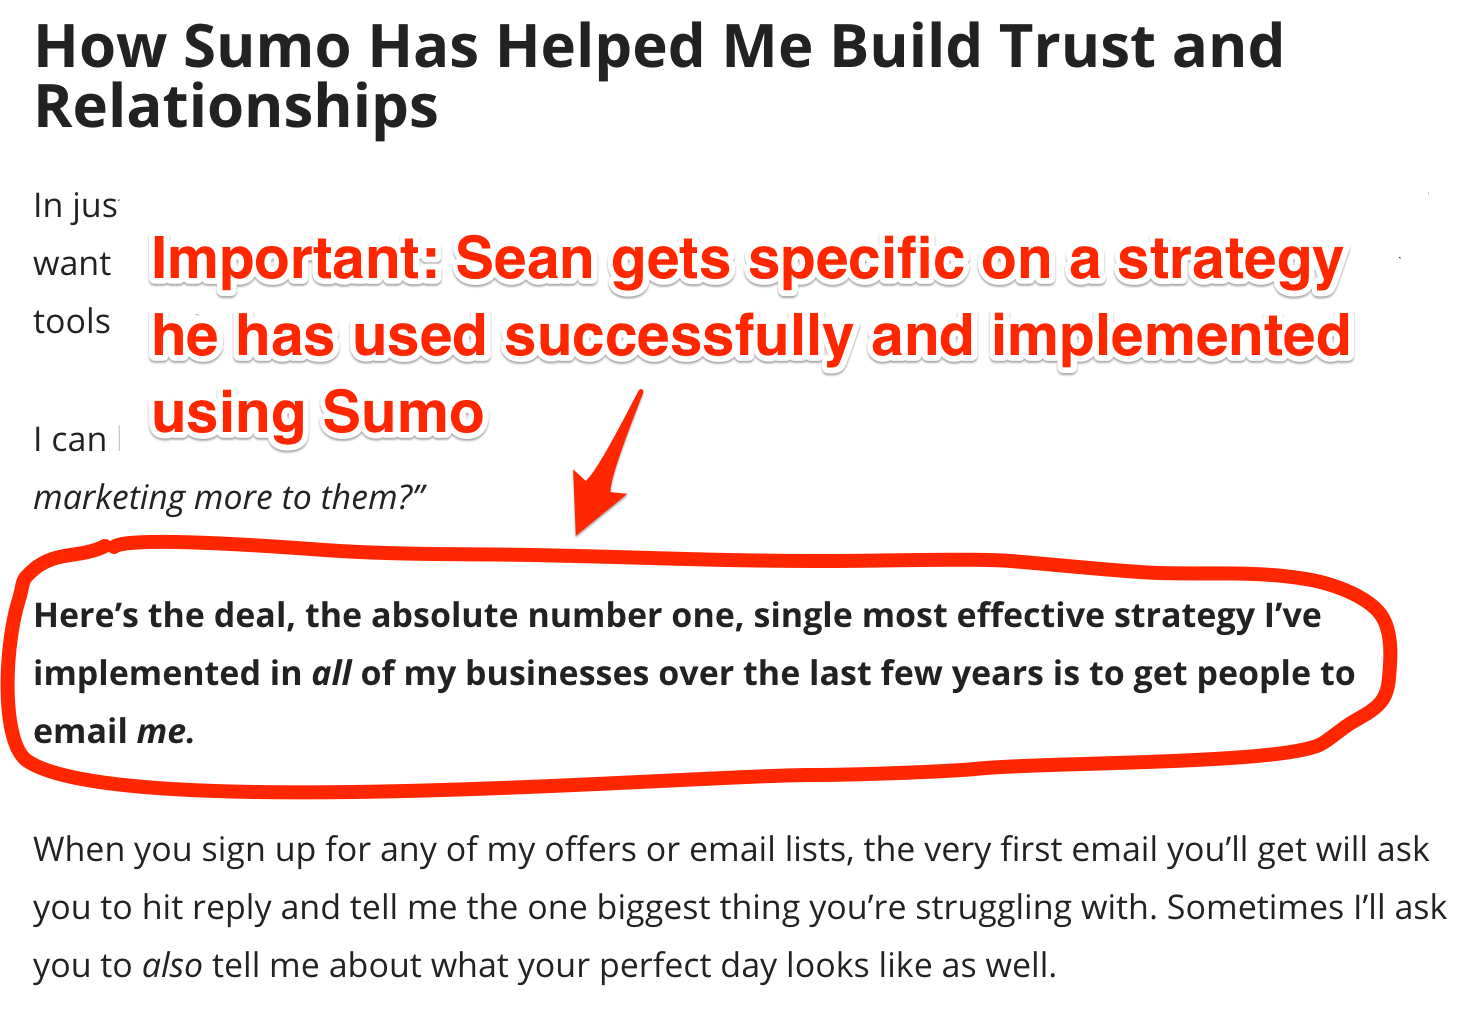 Screenshot showing a Sumo review